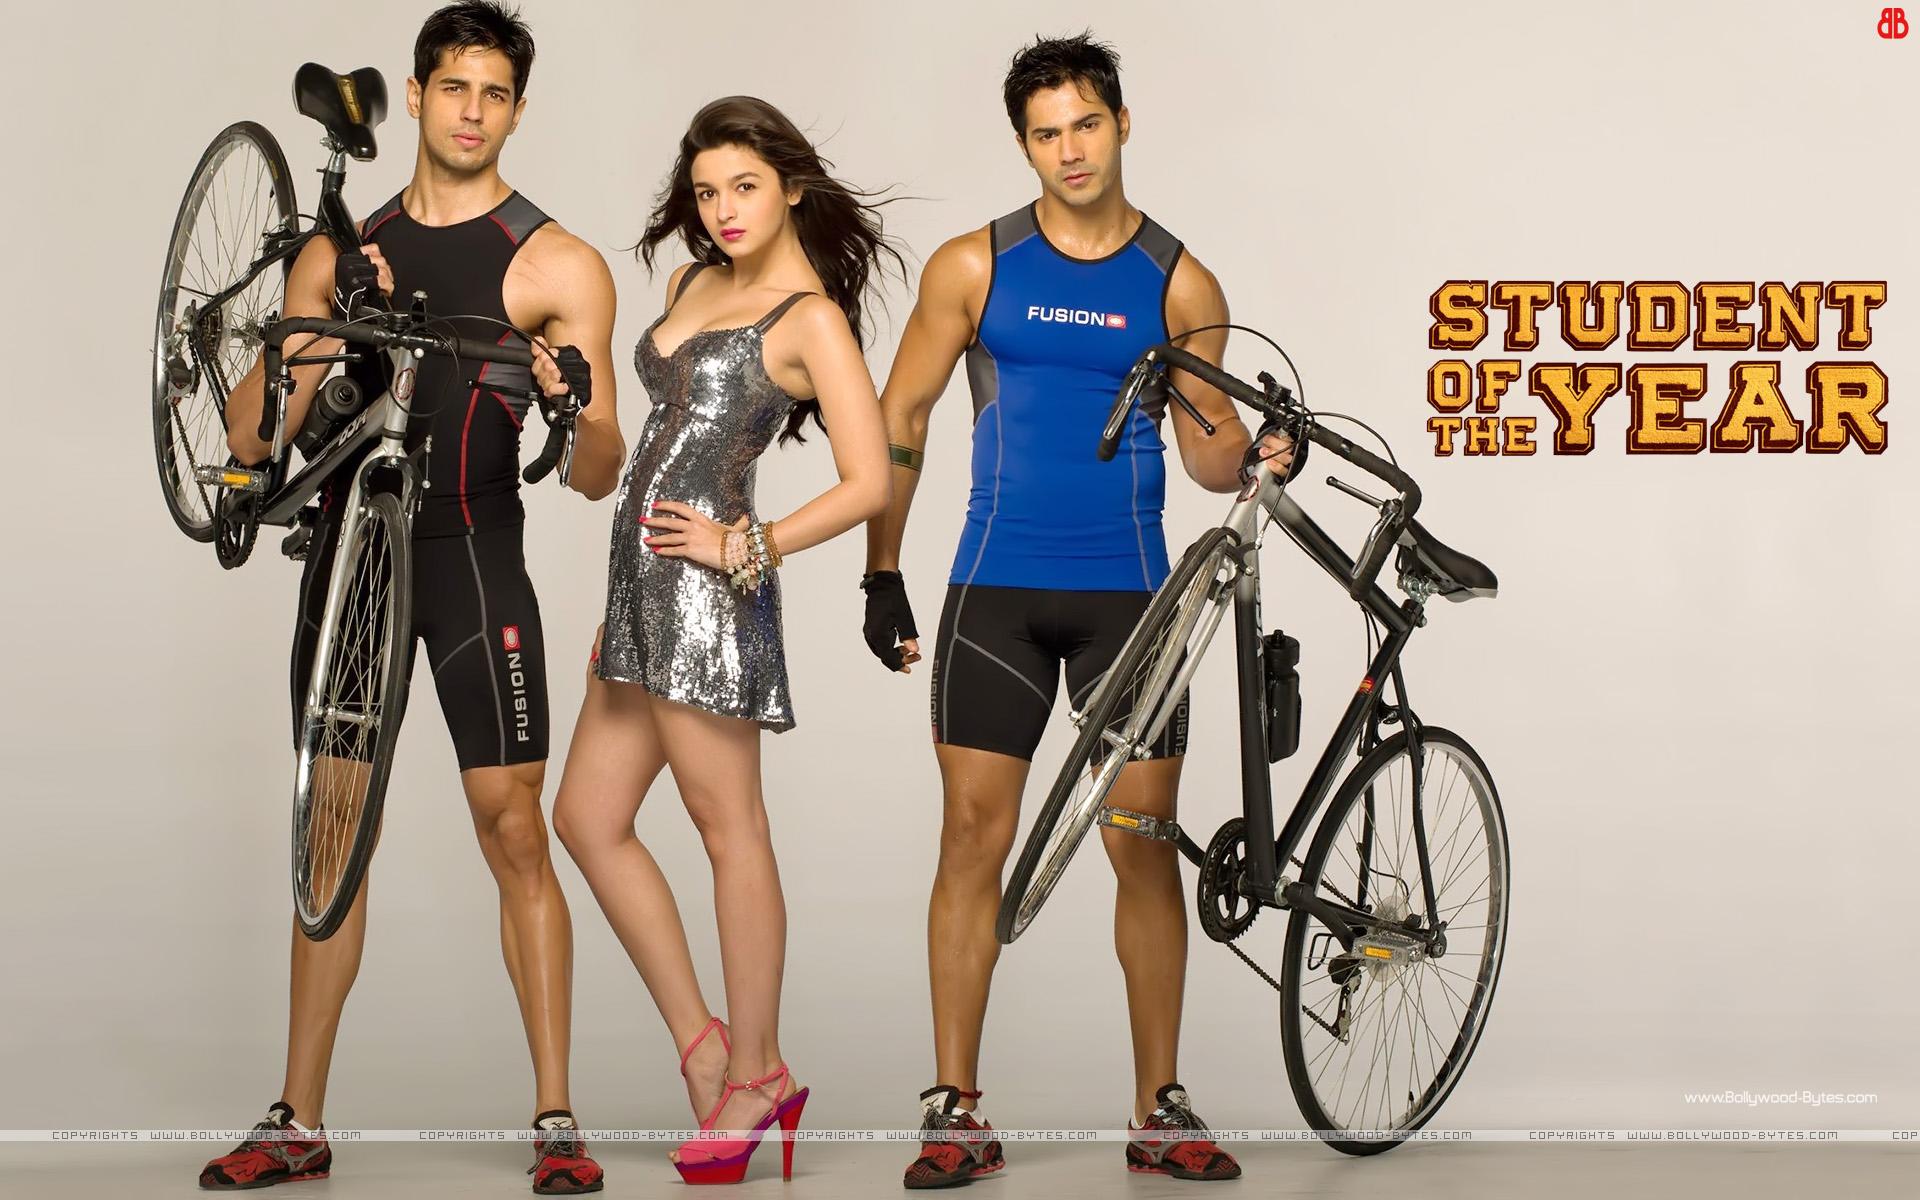 http://3.bp.blogspot.com/-cInSqZVmCM0/UIop0bF30tI/AAAAAAAASwY/5G6mVvQV1cs/s1920/Student-Of-The-Year-+Hot-Alia-Bhatt-Varun-Dhawan-Sidharth-Malhotra-HD-Wallaper-52.jpg